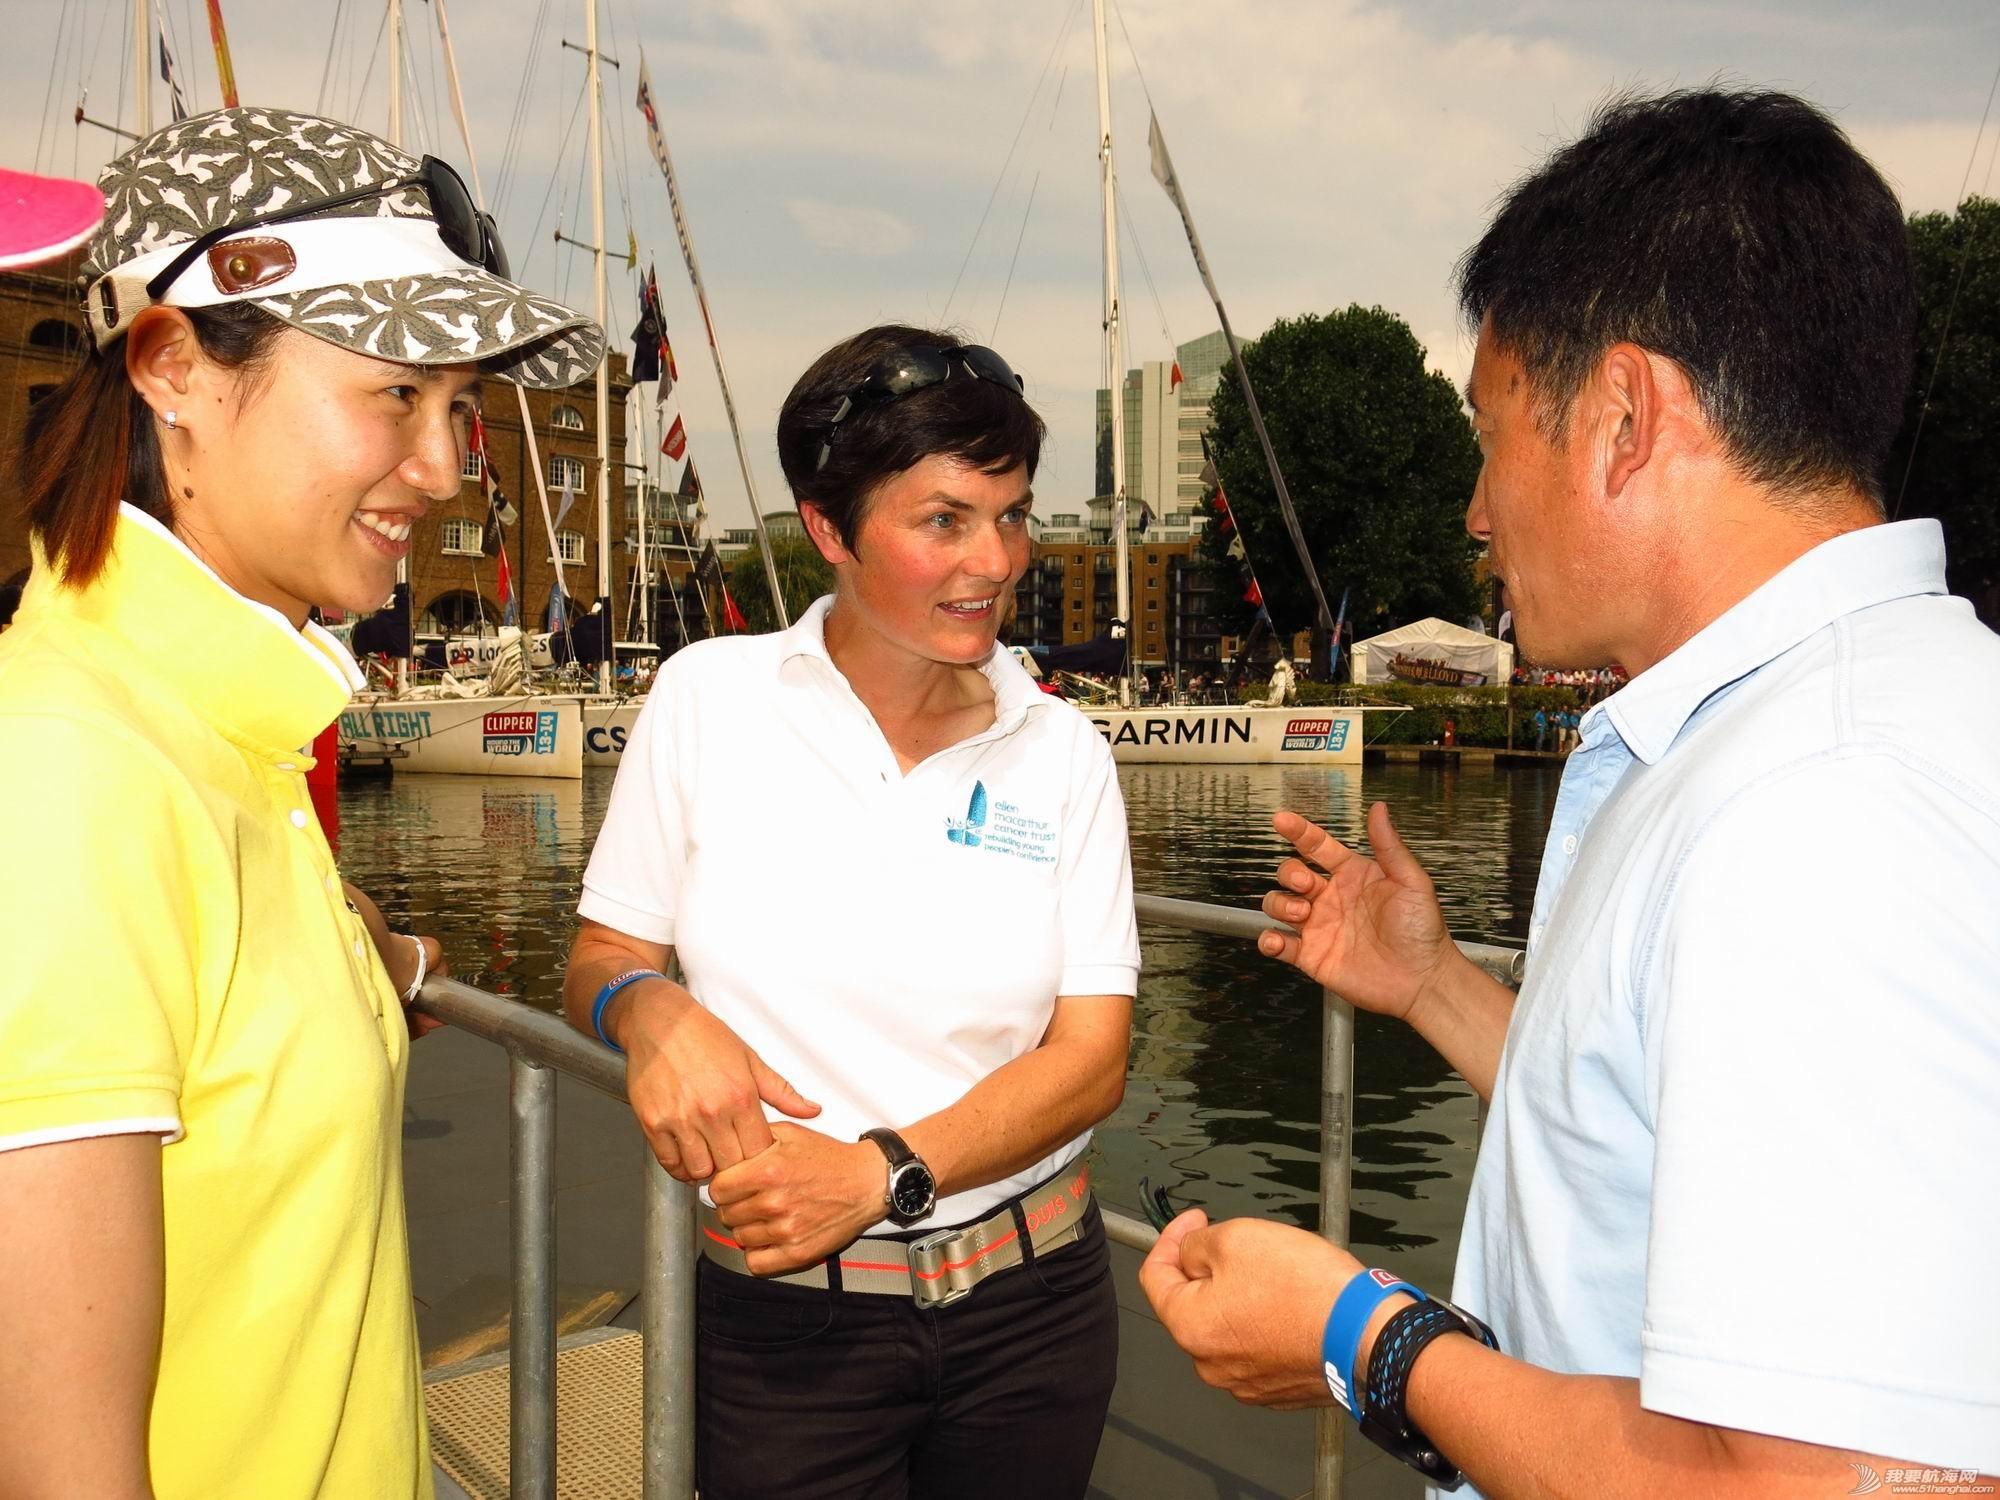 奥运冠军,大不列颠,泰晤士河,航海家,徐莉佳 中国姑娘宋坤顺利完成克利伯环球帆船赛,成为中国第一位完成帆船赛环球航行的女水手。 ll.jpg